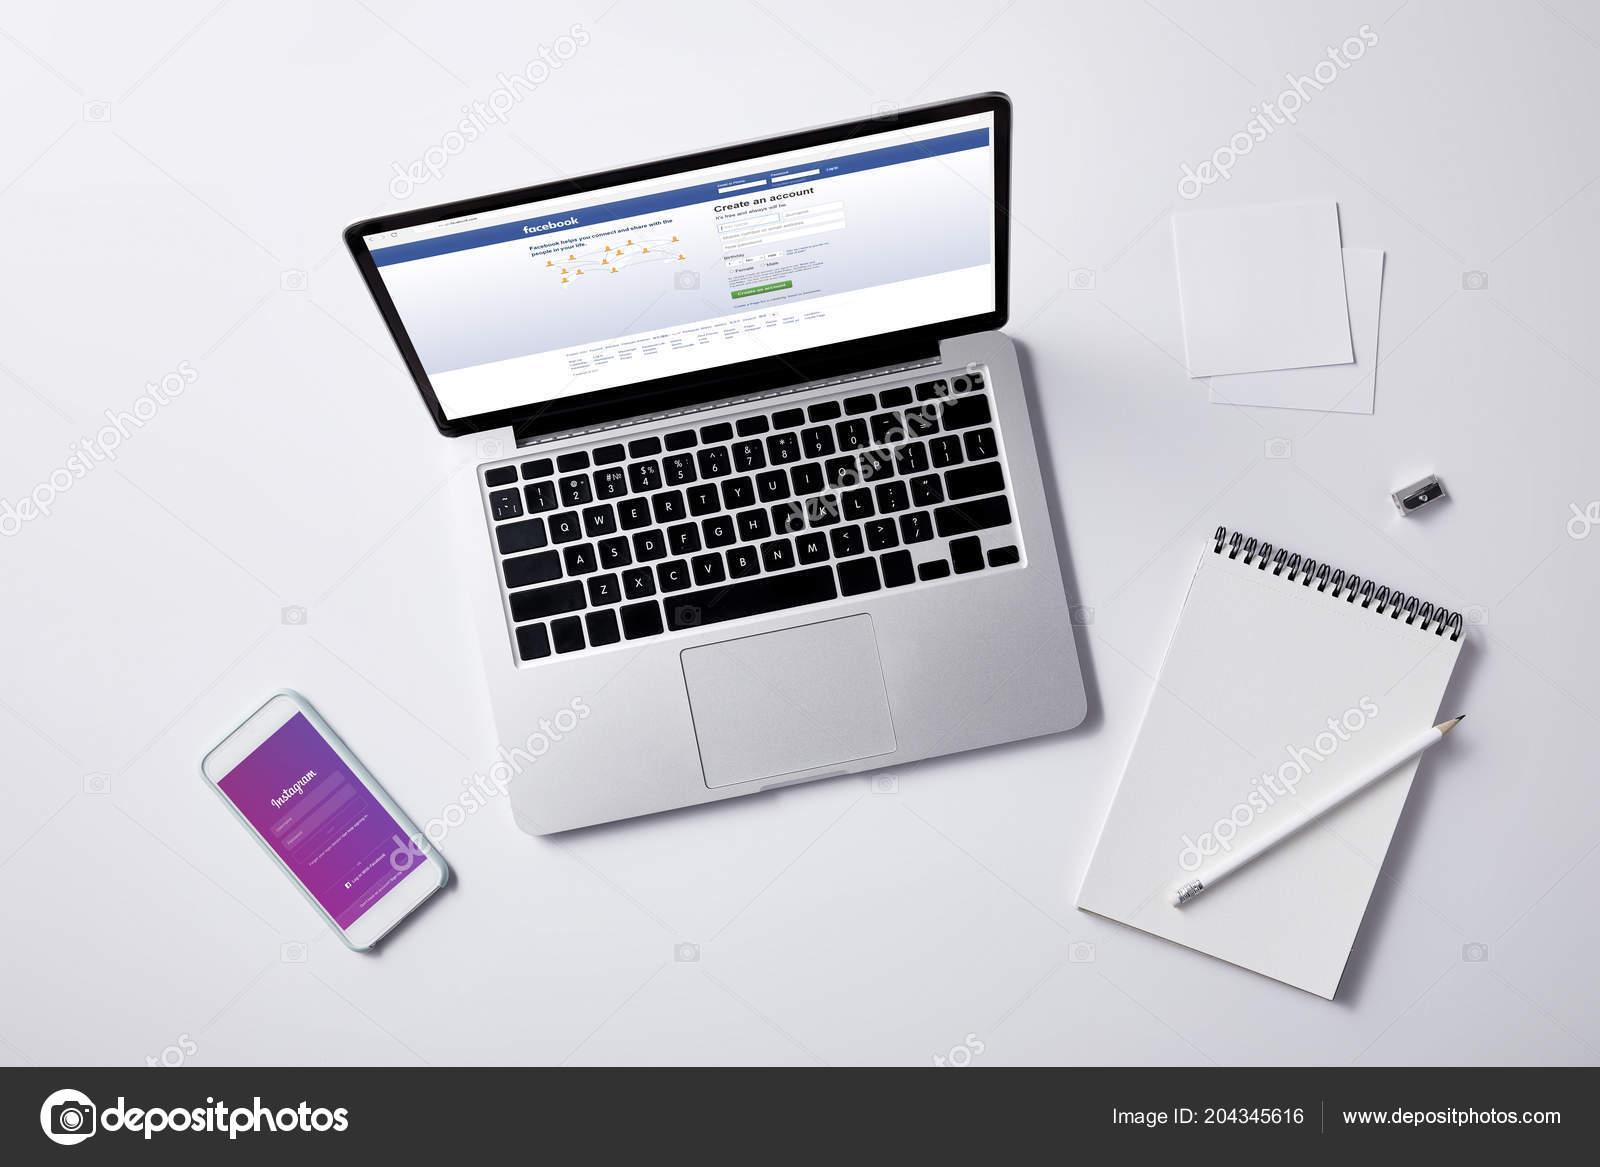 Top View Laptop Facebook Website Screen Smartphone Instagram App